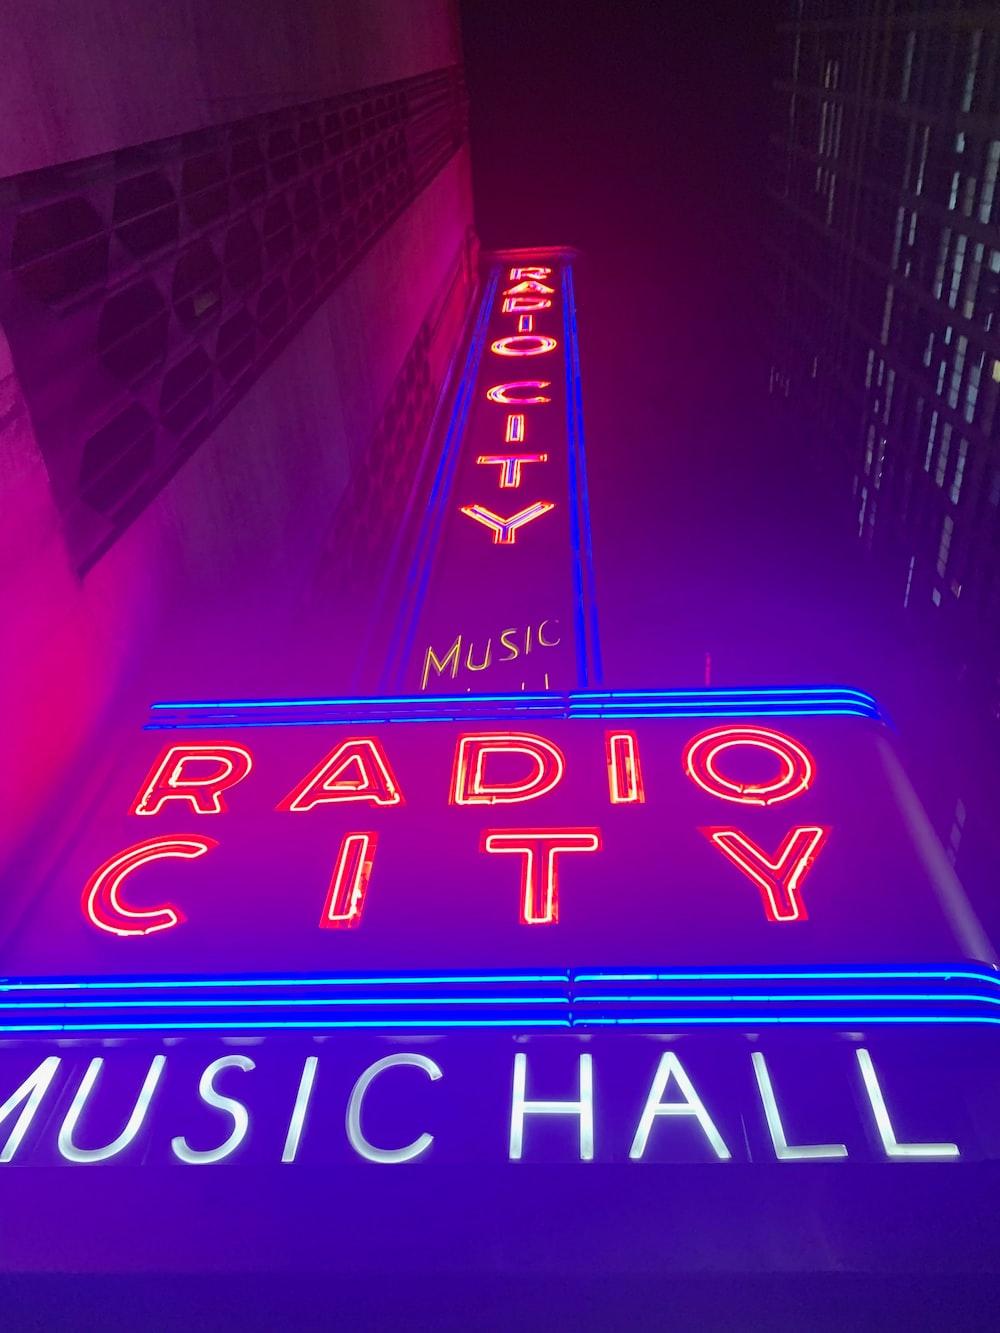 Radio City Music Hall signage